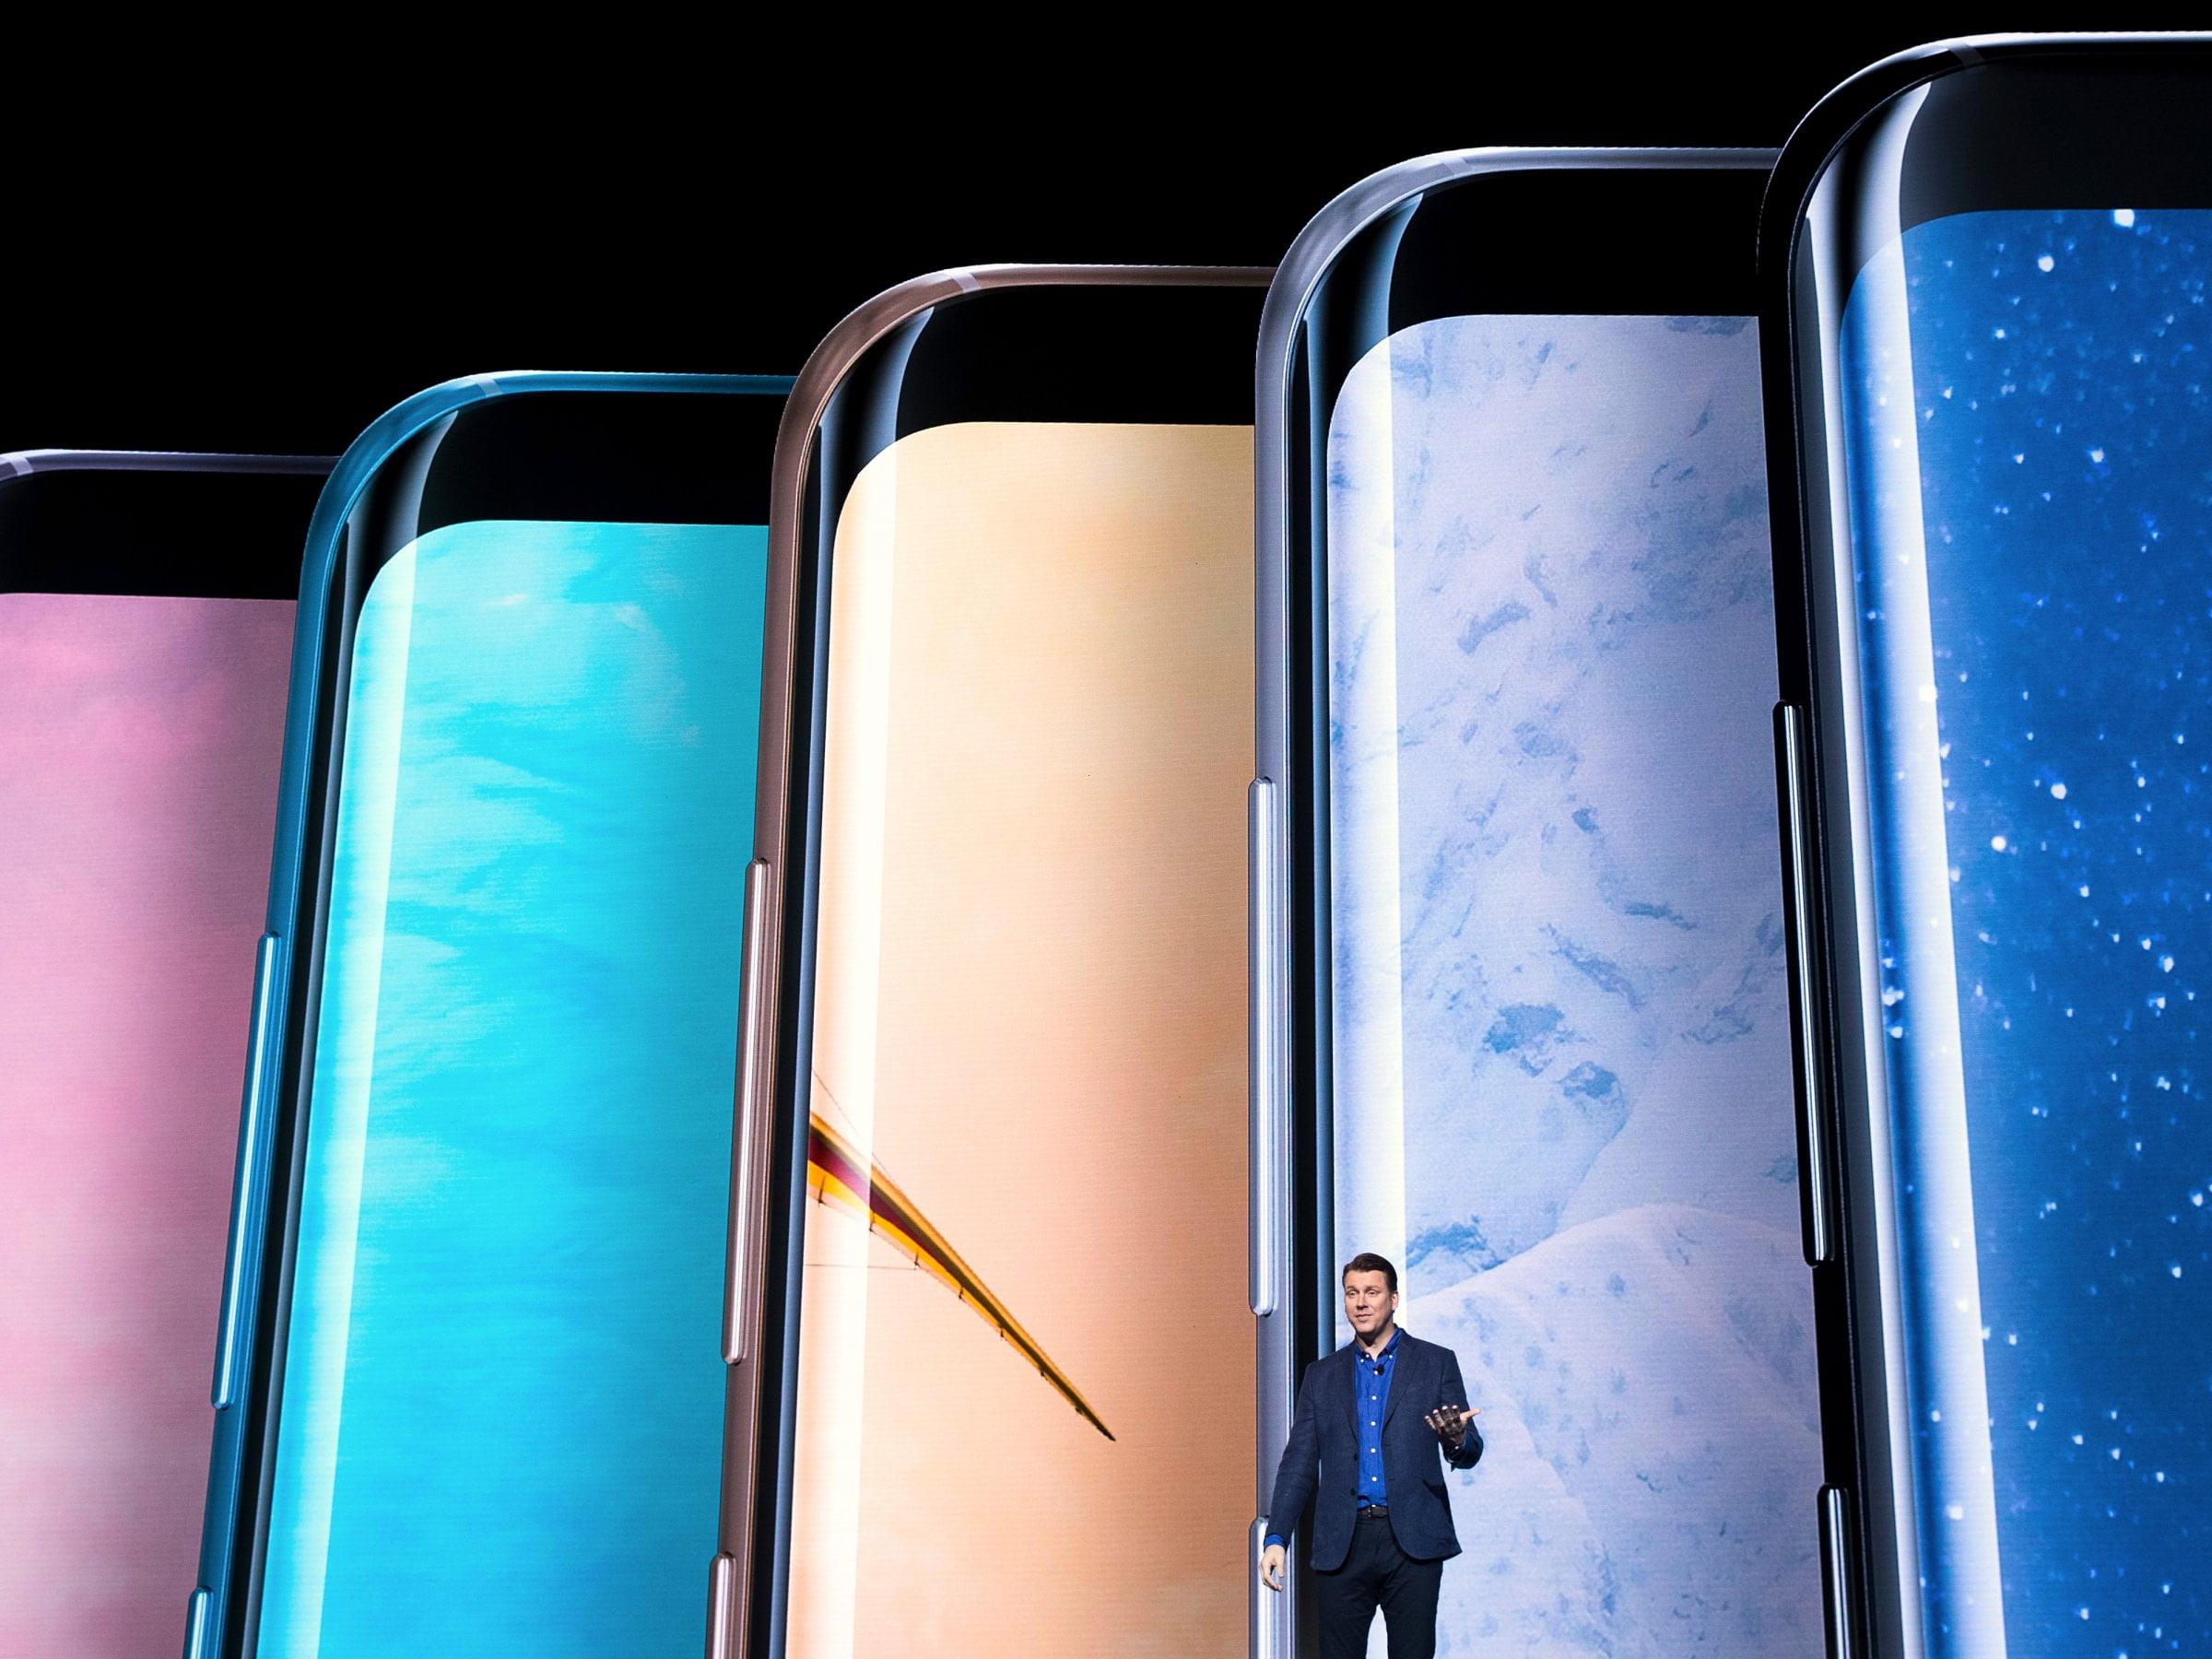 iphone copyed galaxs8